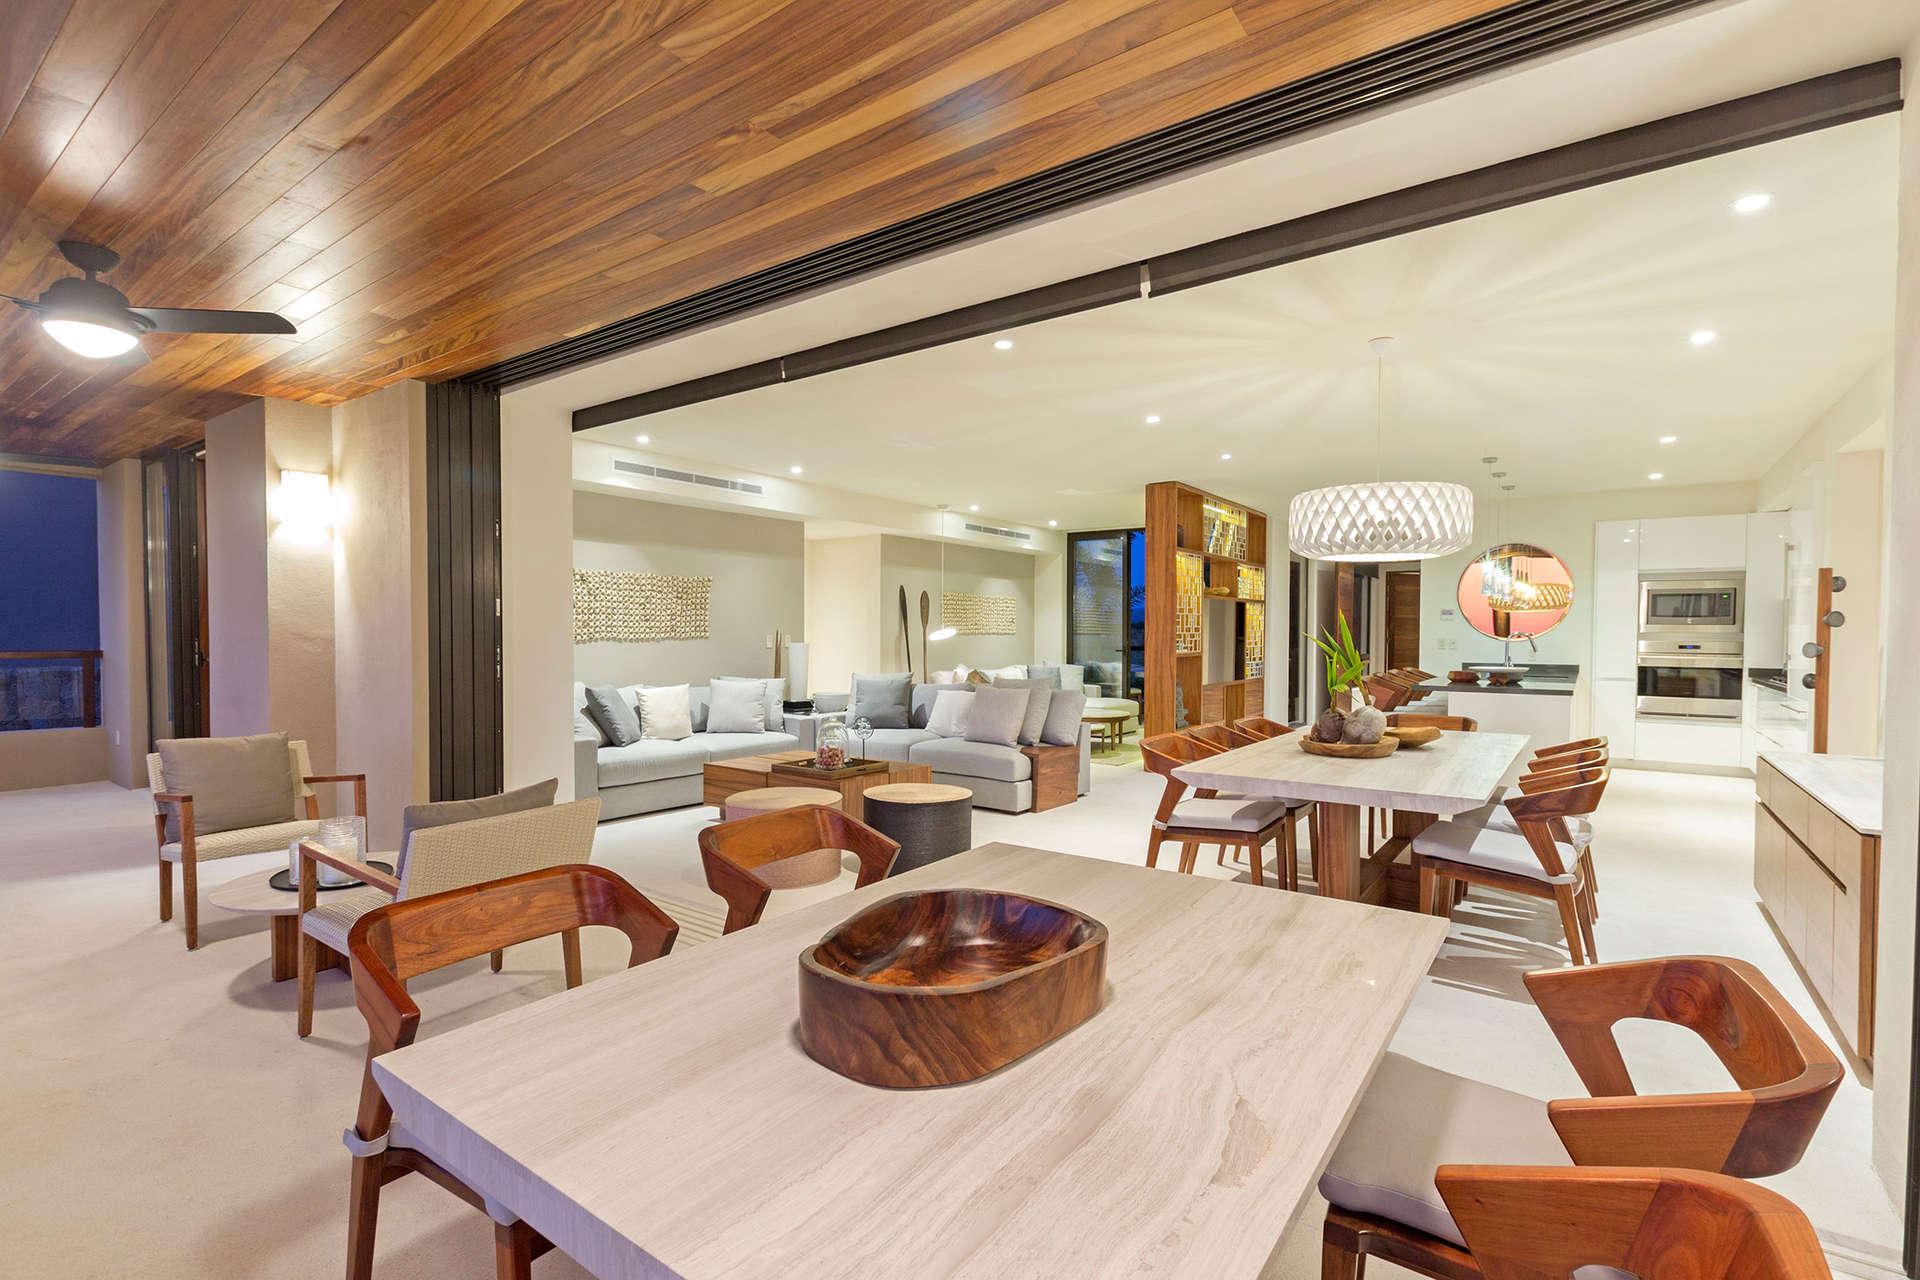 Luxury vacation rentals mexico - Punta mita - Las marietas - No location 4 - Condo Ceres - Image 1/16